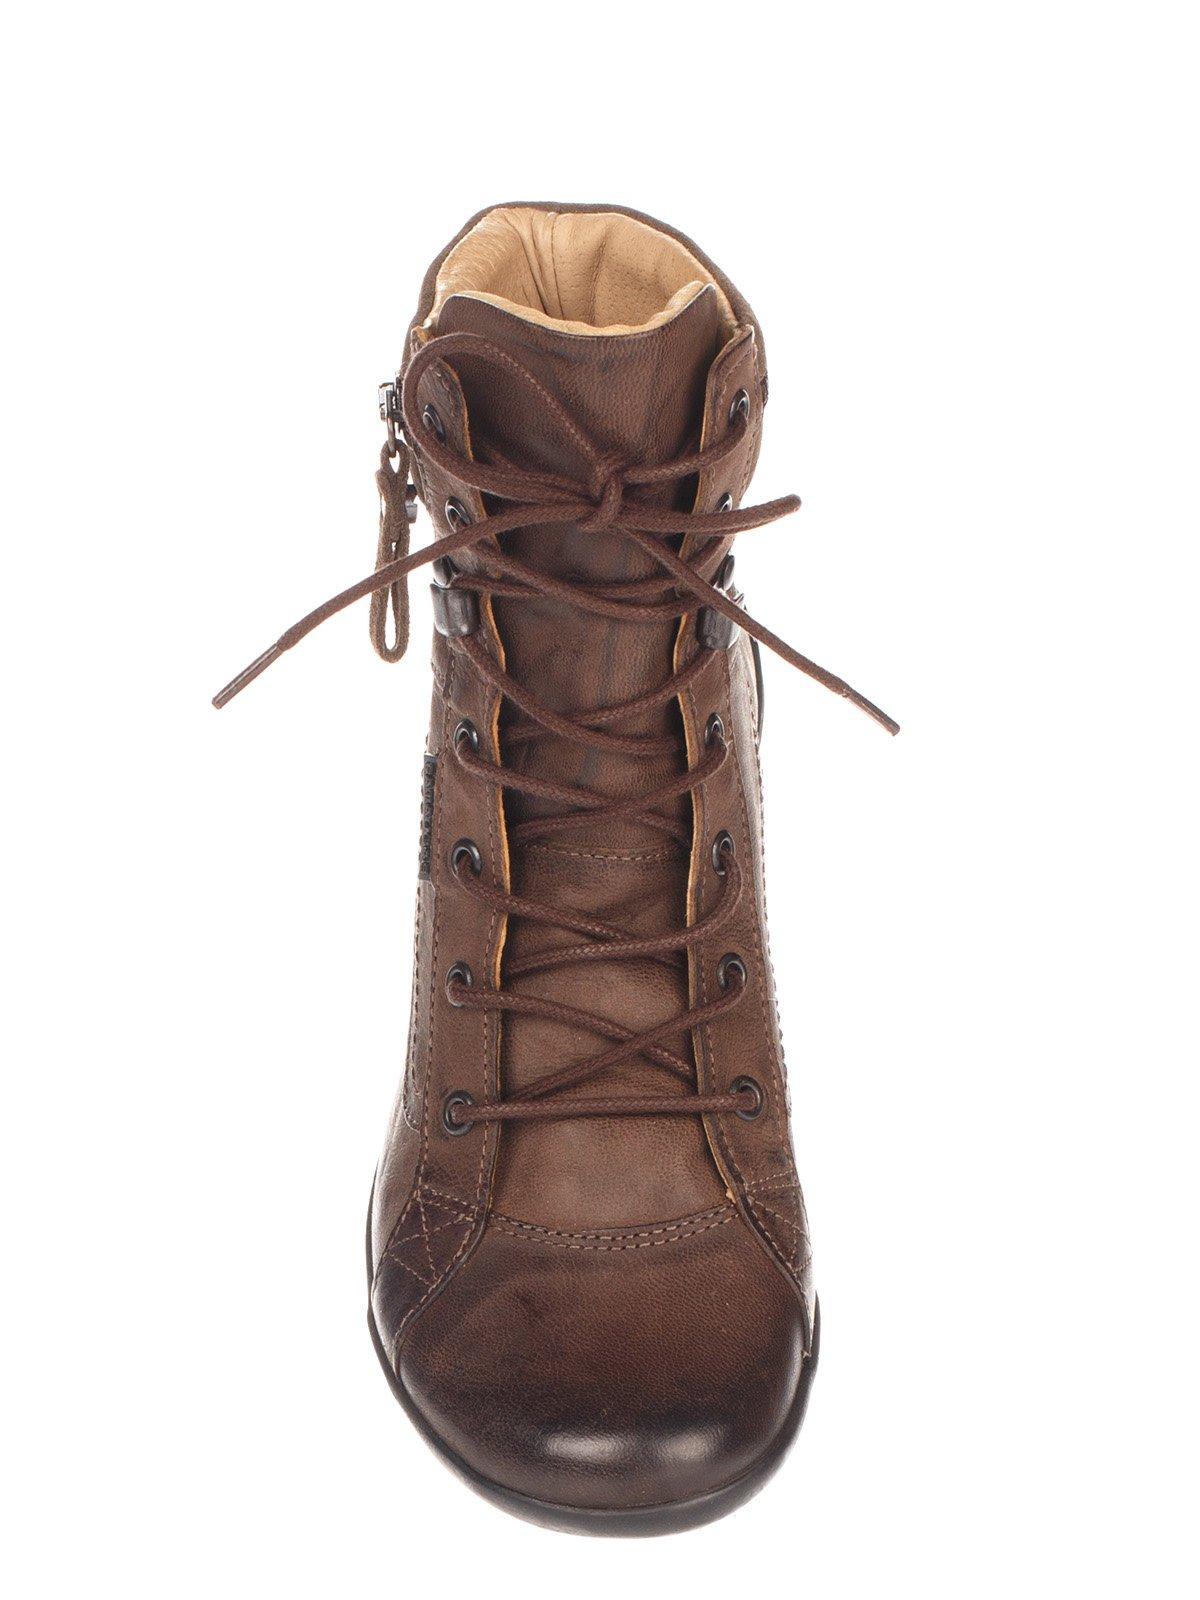 Ботинки коричневые | 4123813 | фото 5